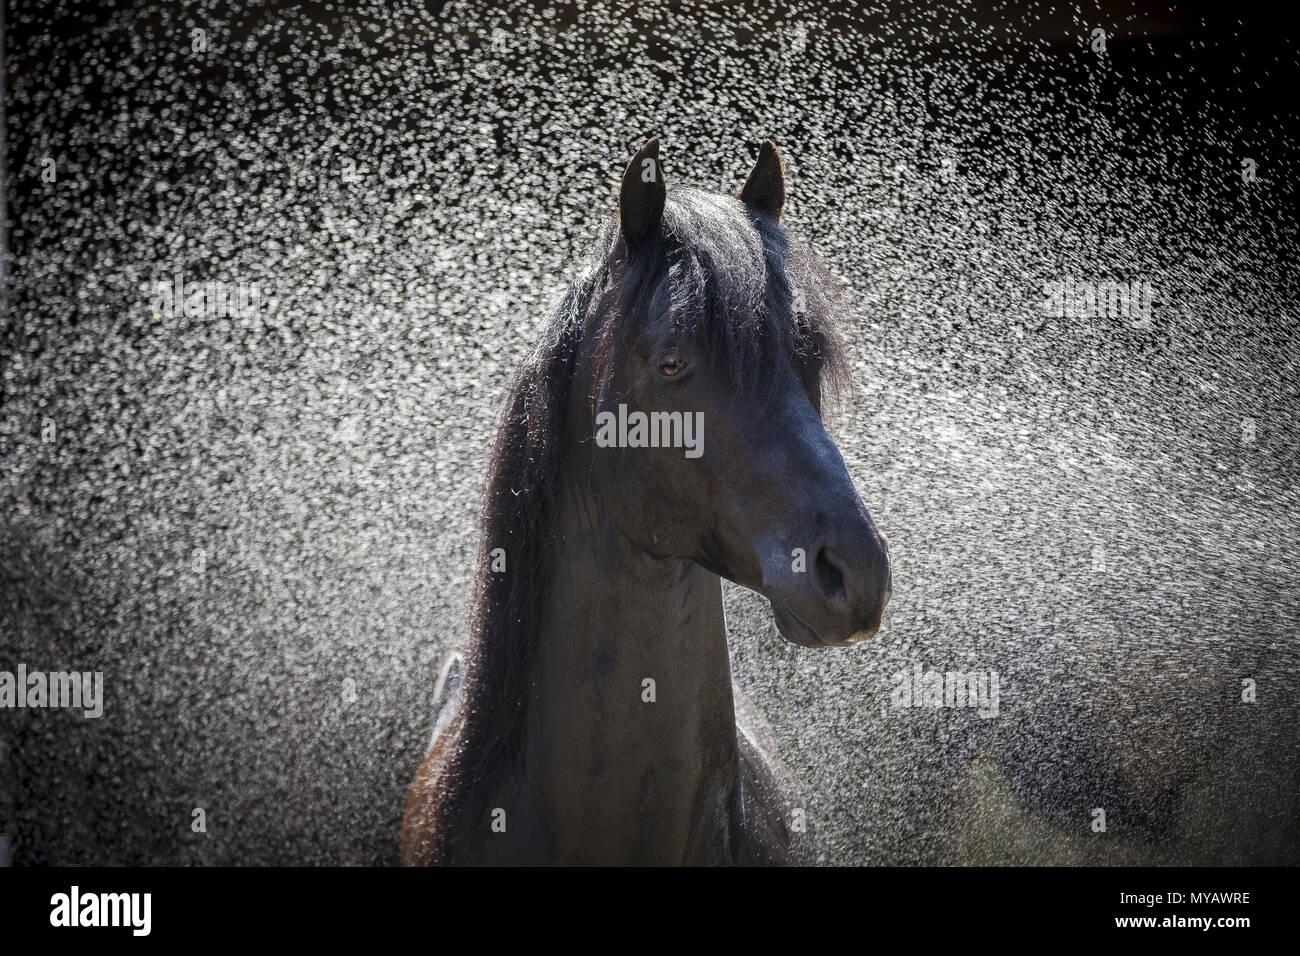 Paso Fino. Portrait de l'étalon noir au cours du lavage. Allemagne Photo Stock